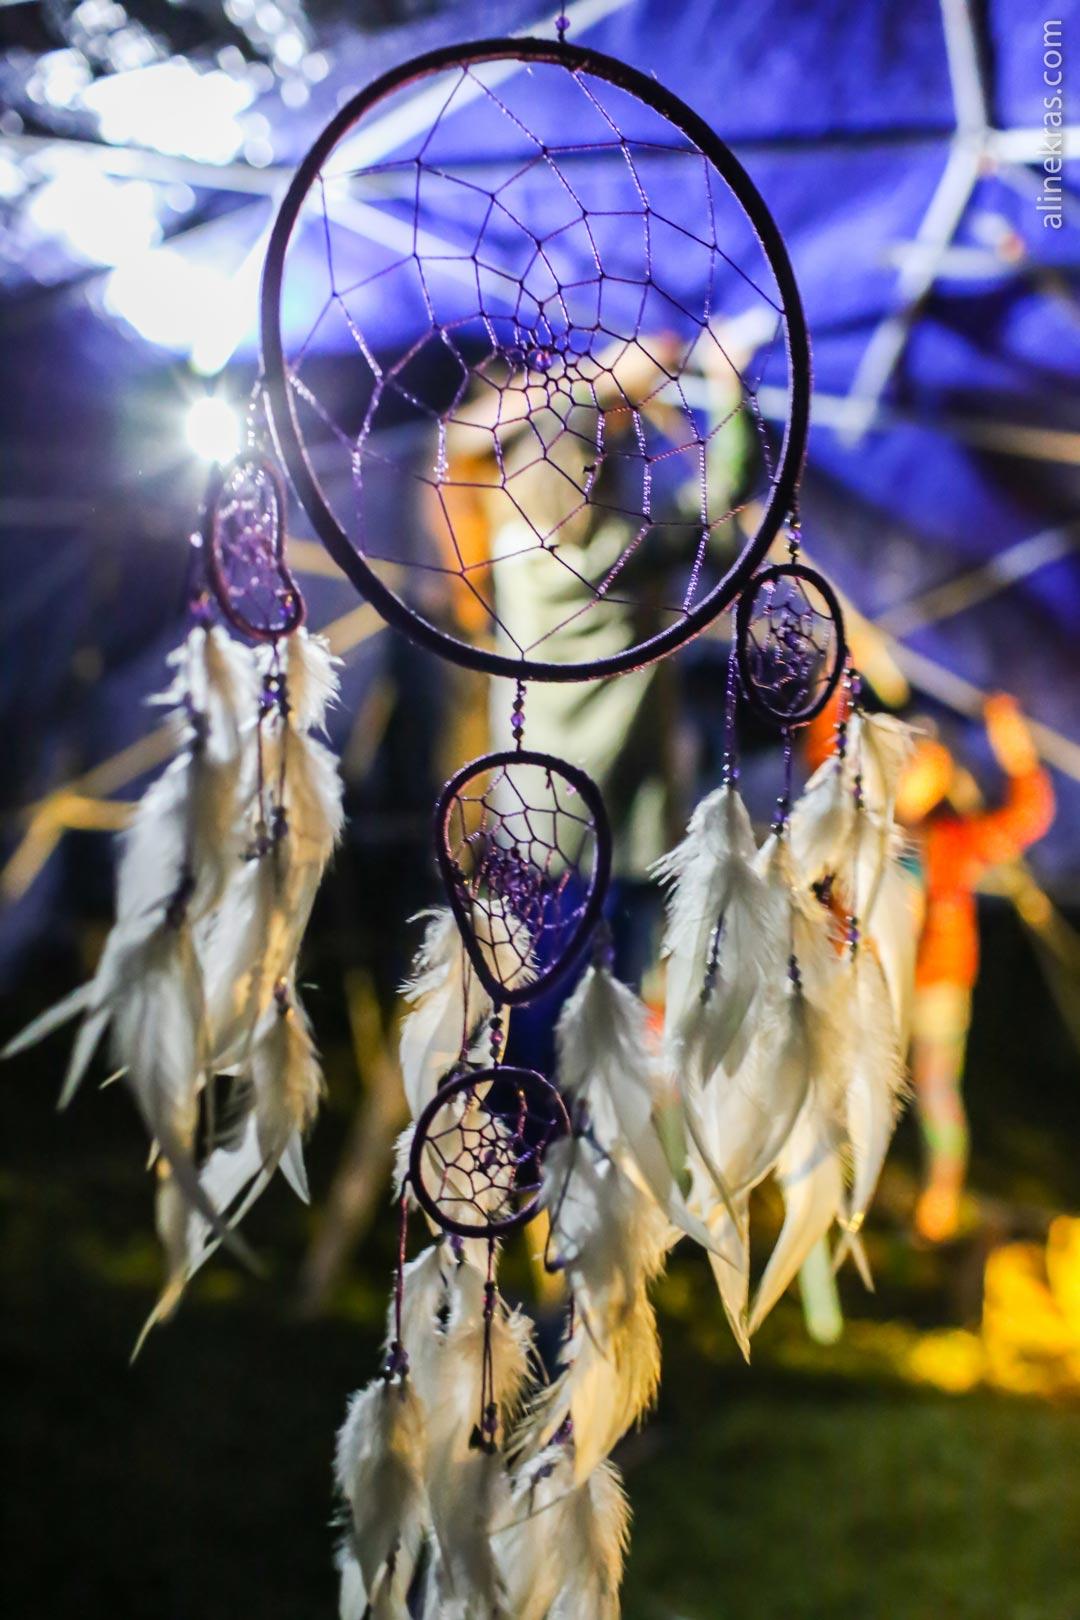 lucid-girl-aline-kras-lucidity-festival-dreambender